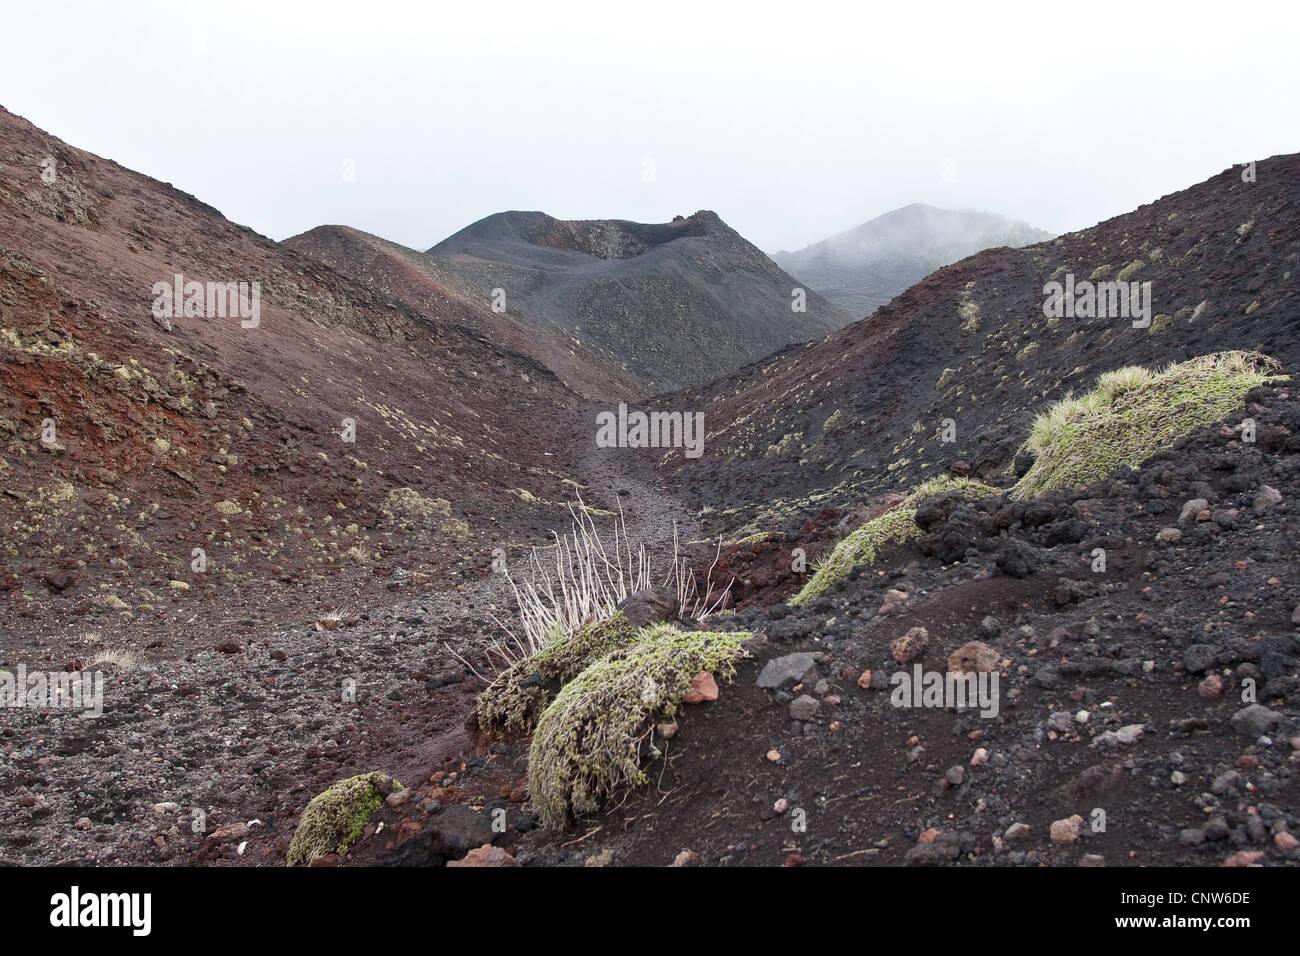 Vulkanlandschaften am Ätna mit Zwergsträucher, Italien, Sizilien Stockbild